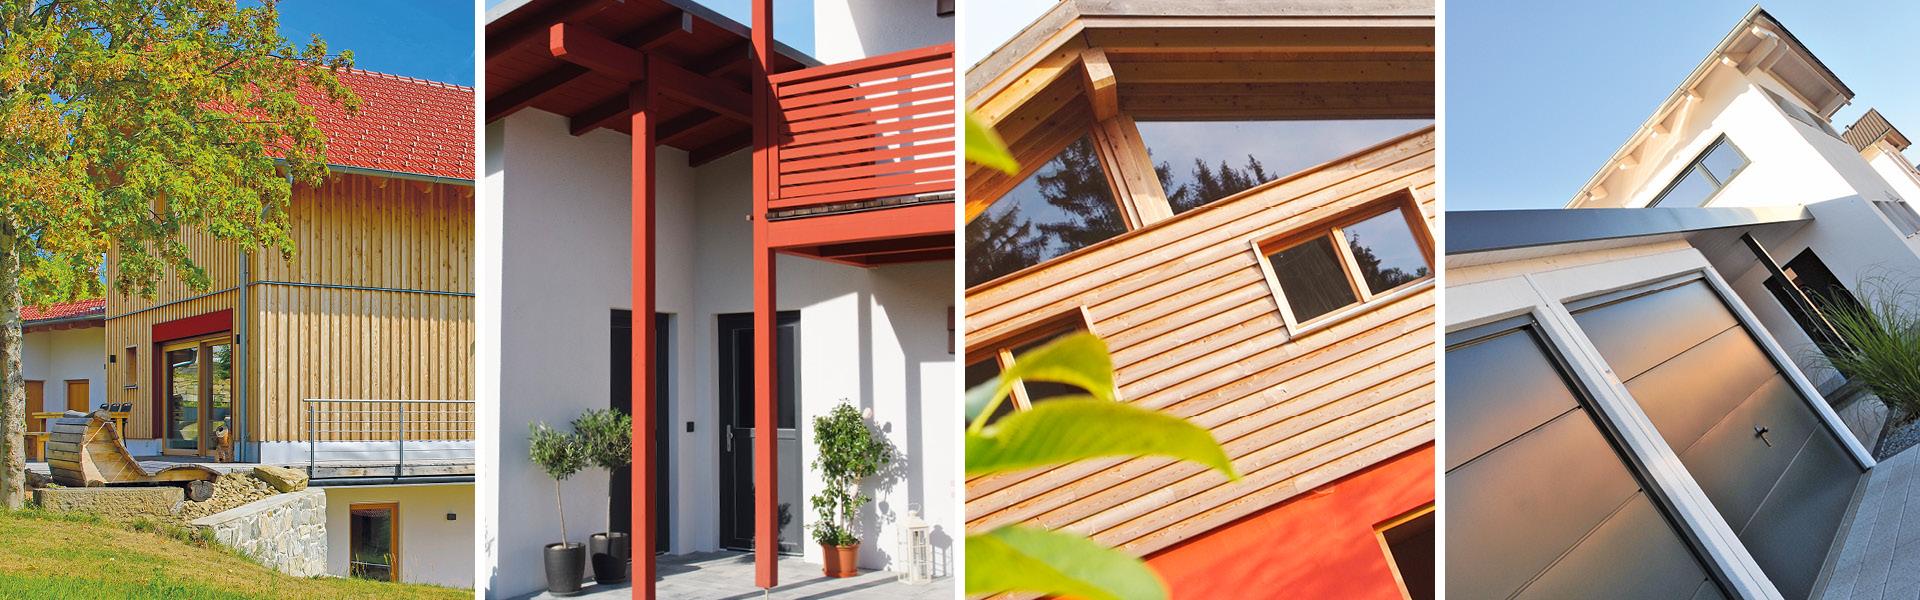 Foto-Collage von Holzhäusern mit Holzfassaden, Holzbalkonen und Garagen